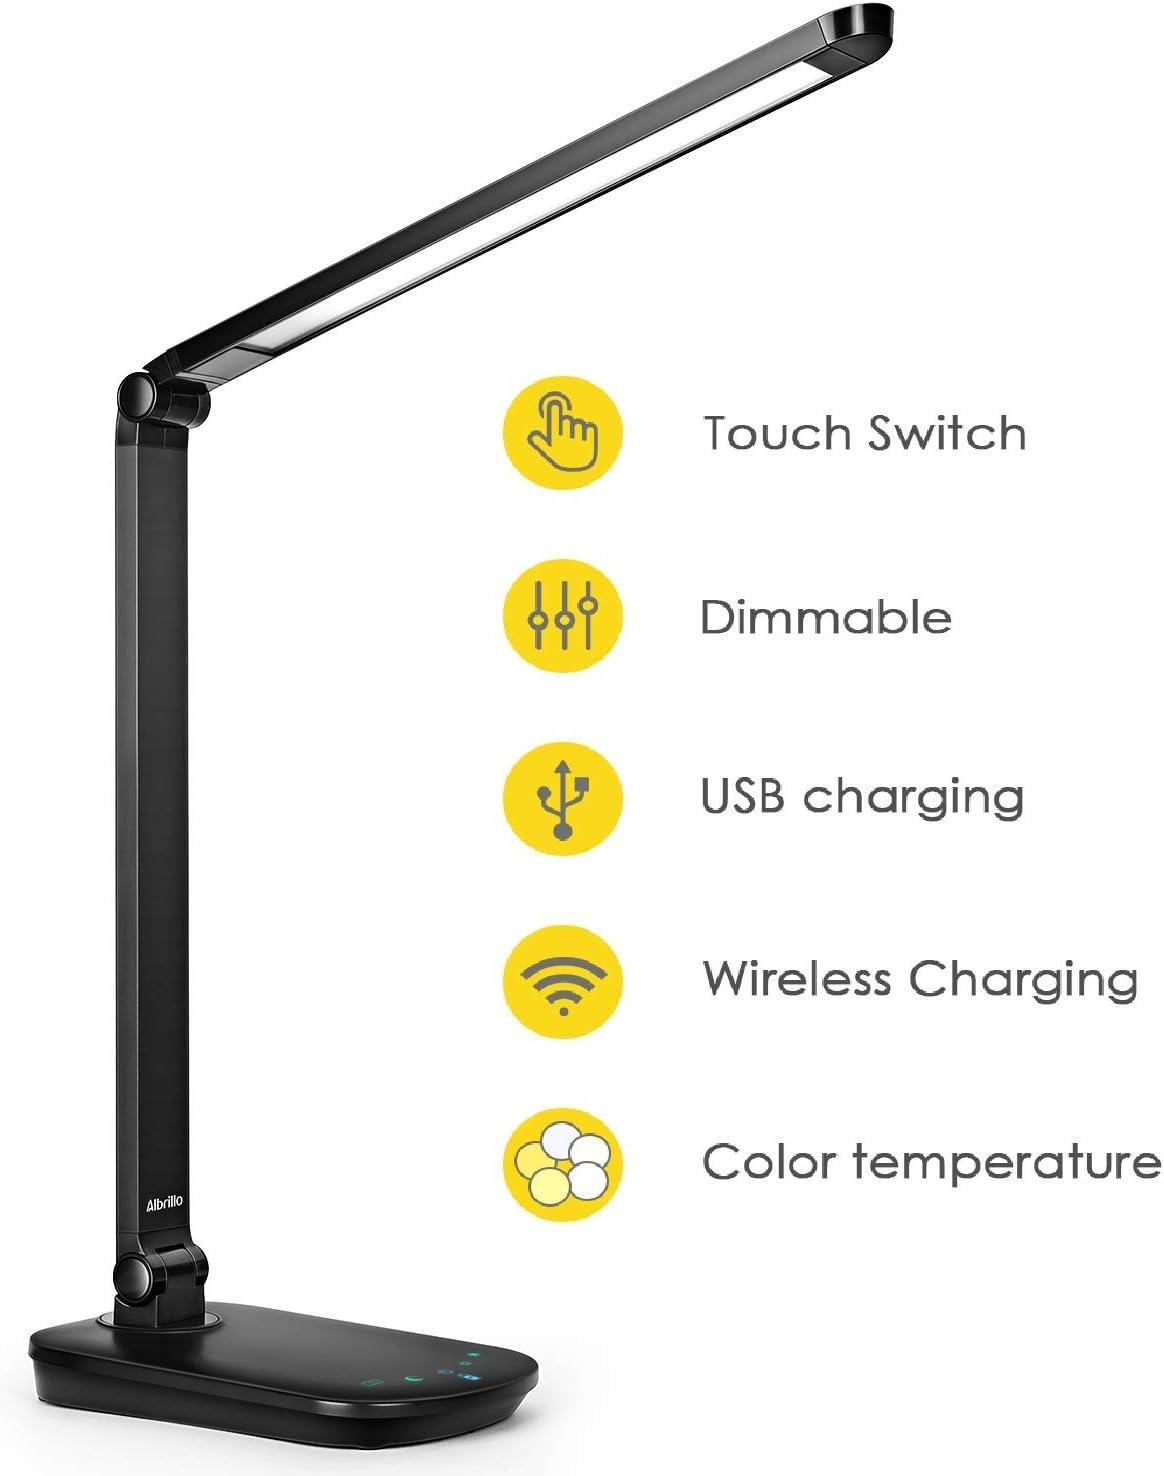 Albrillo Lámpara Escritorio LED con Base de Carga Inalámbrica y Puerto USB, Lámpara de Mesa Plegable 8 W, Regulable con 5 Temperaturas de Color y Brillo Continuo, para Estudiar, Leer y Cuidado de Ojos